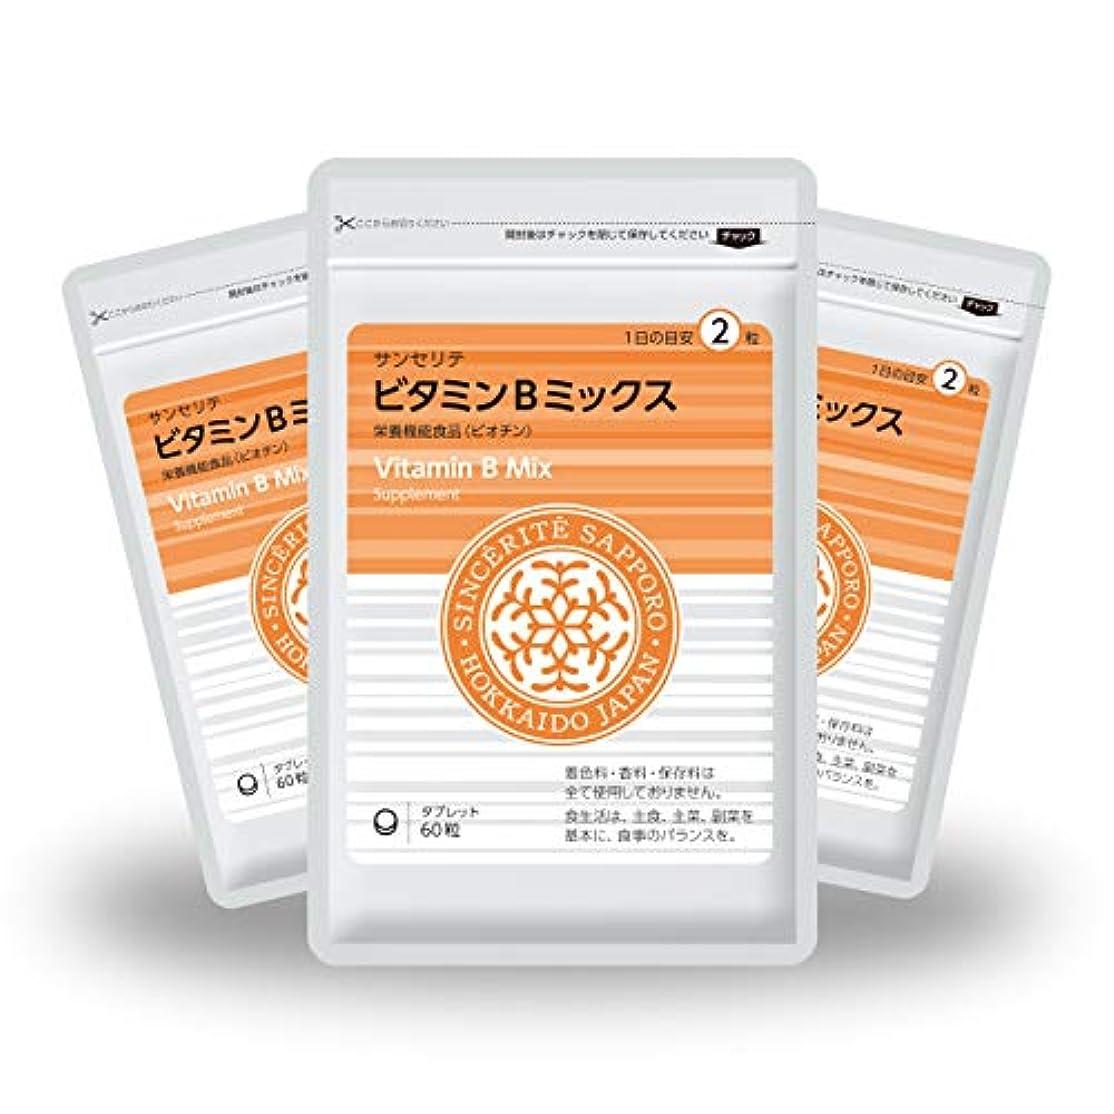 雇う原始的な矩形ビタミンBミックス 3袋セット[栄養機能食品]ビタミンB群たっぷり配合[国内製造]お得な★90日分